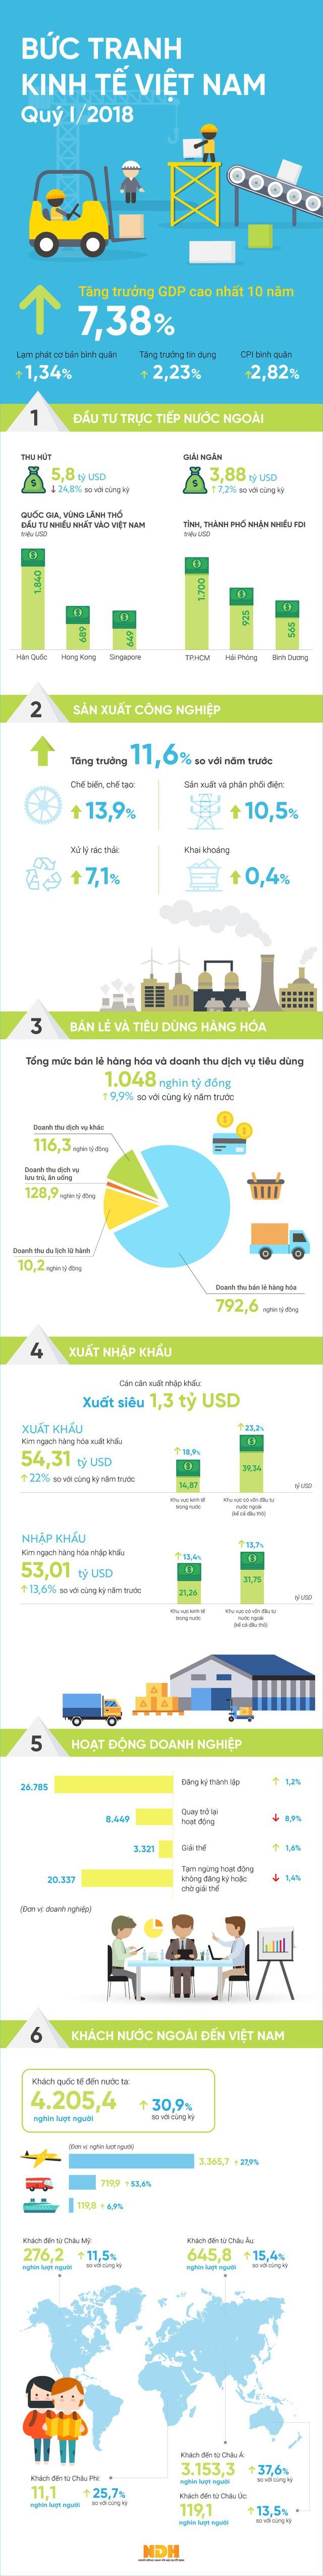 [Infographic] Kinh tế Việt Nam 3 tháng đầu năm qua những con số - Ảnh 1.